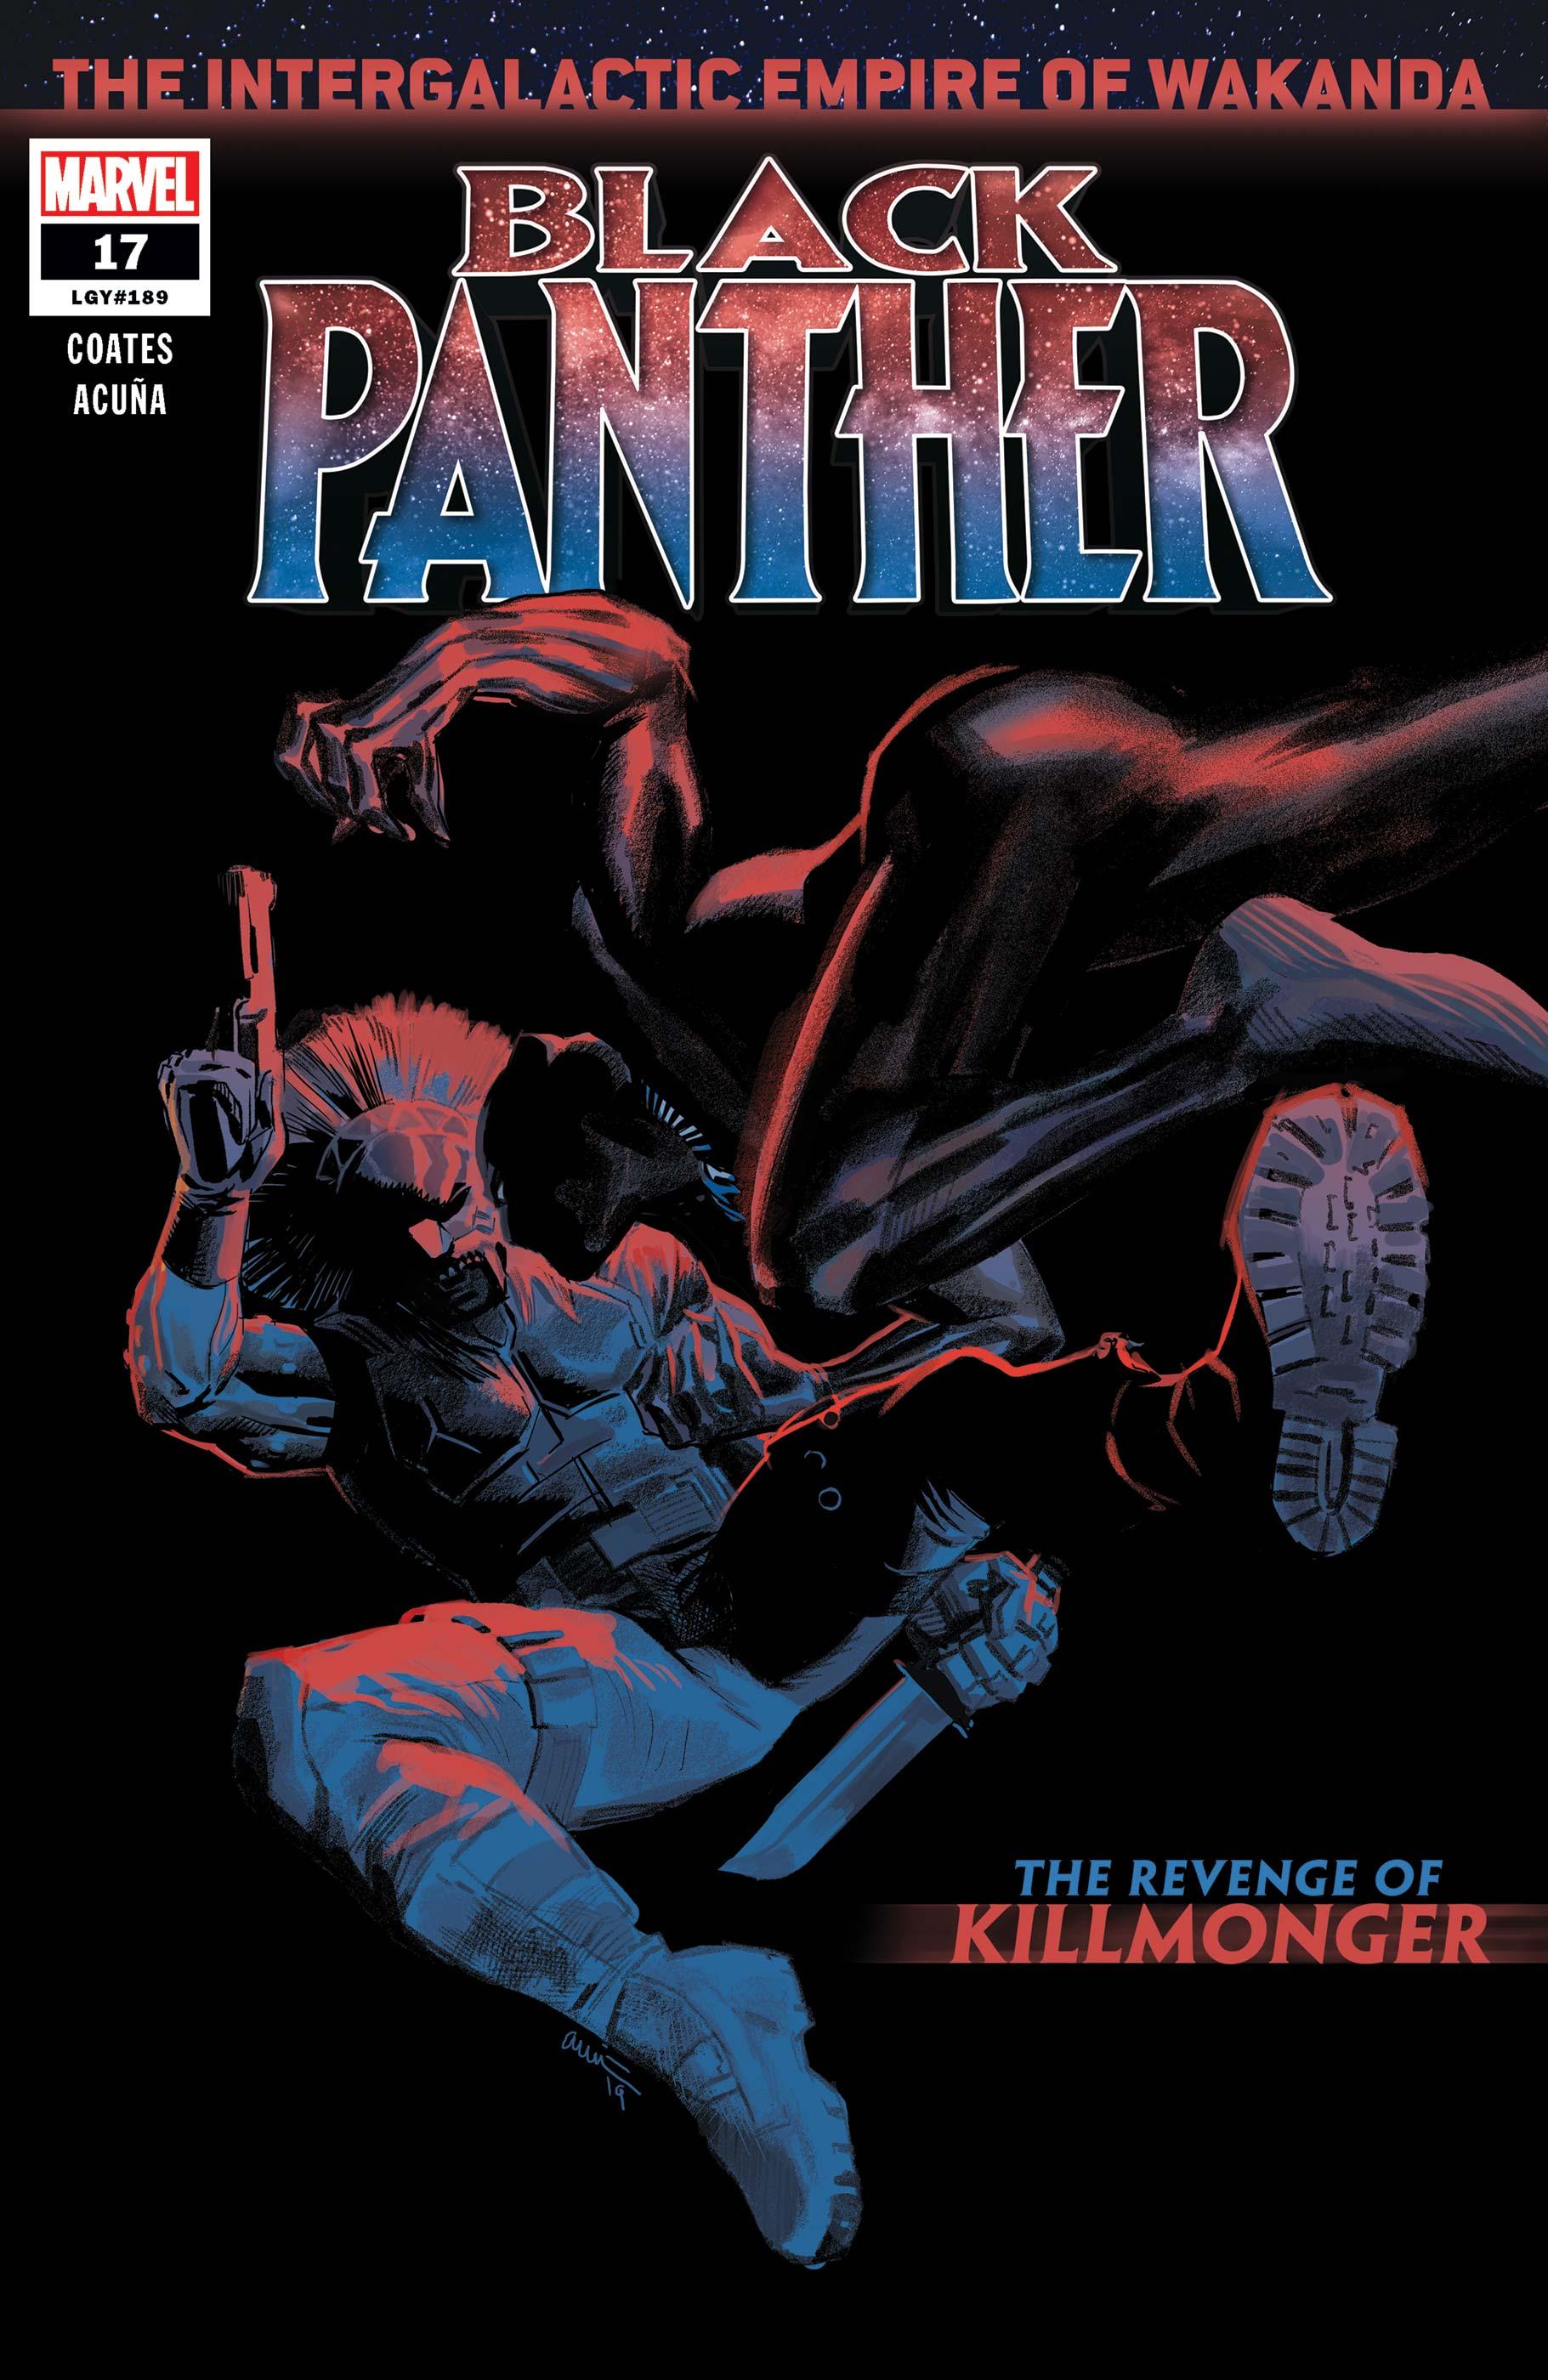 Black Panther (2018) #17